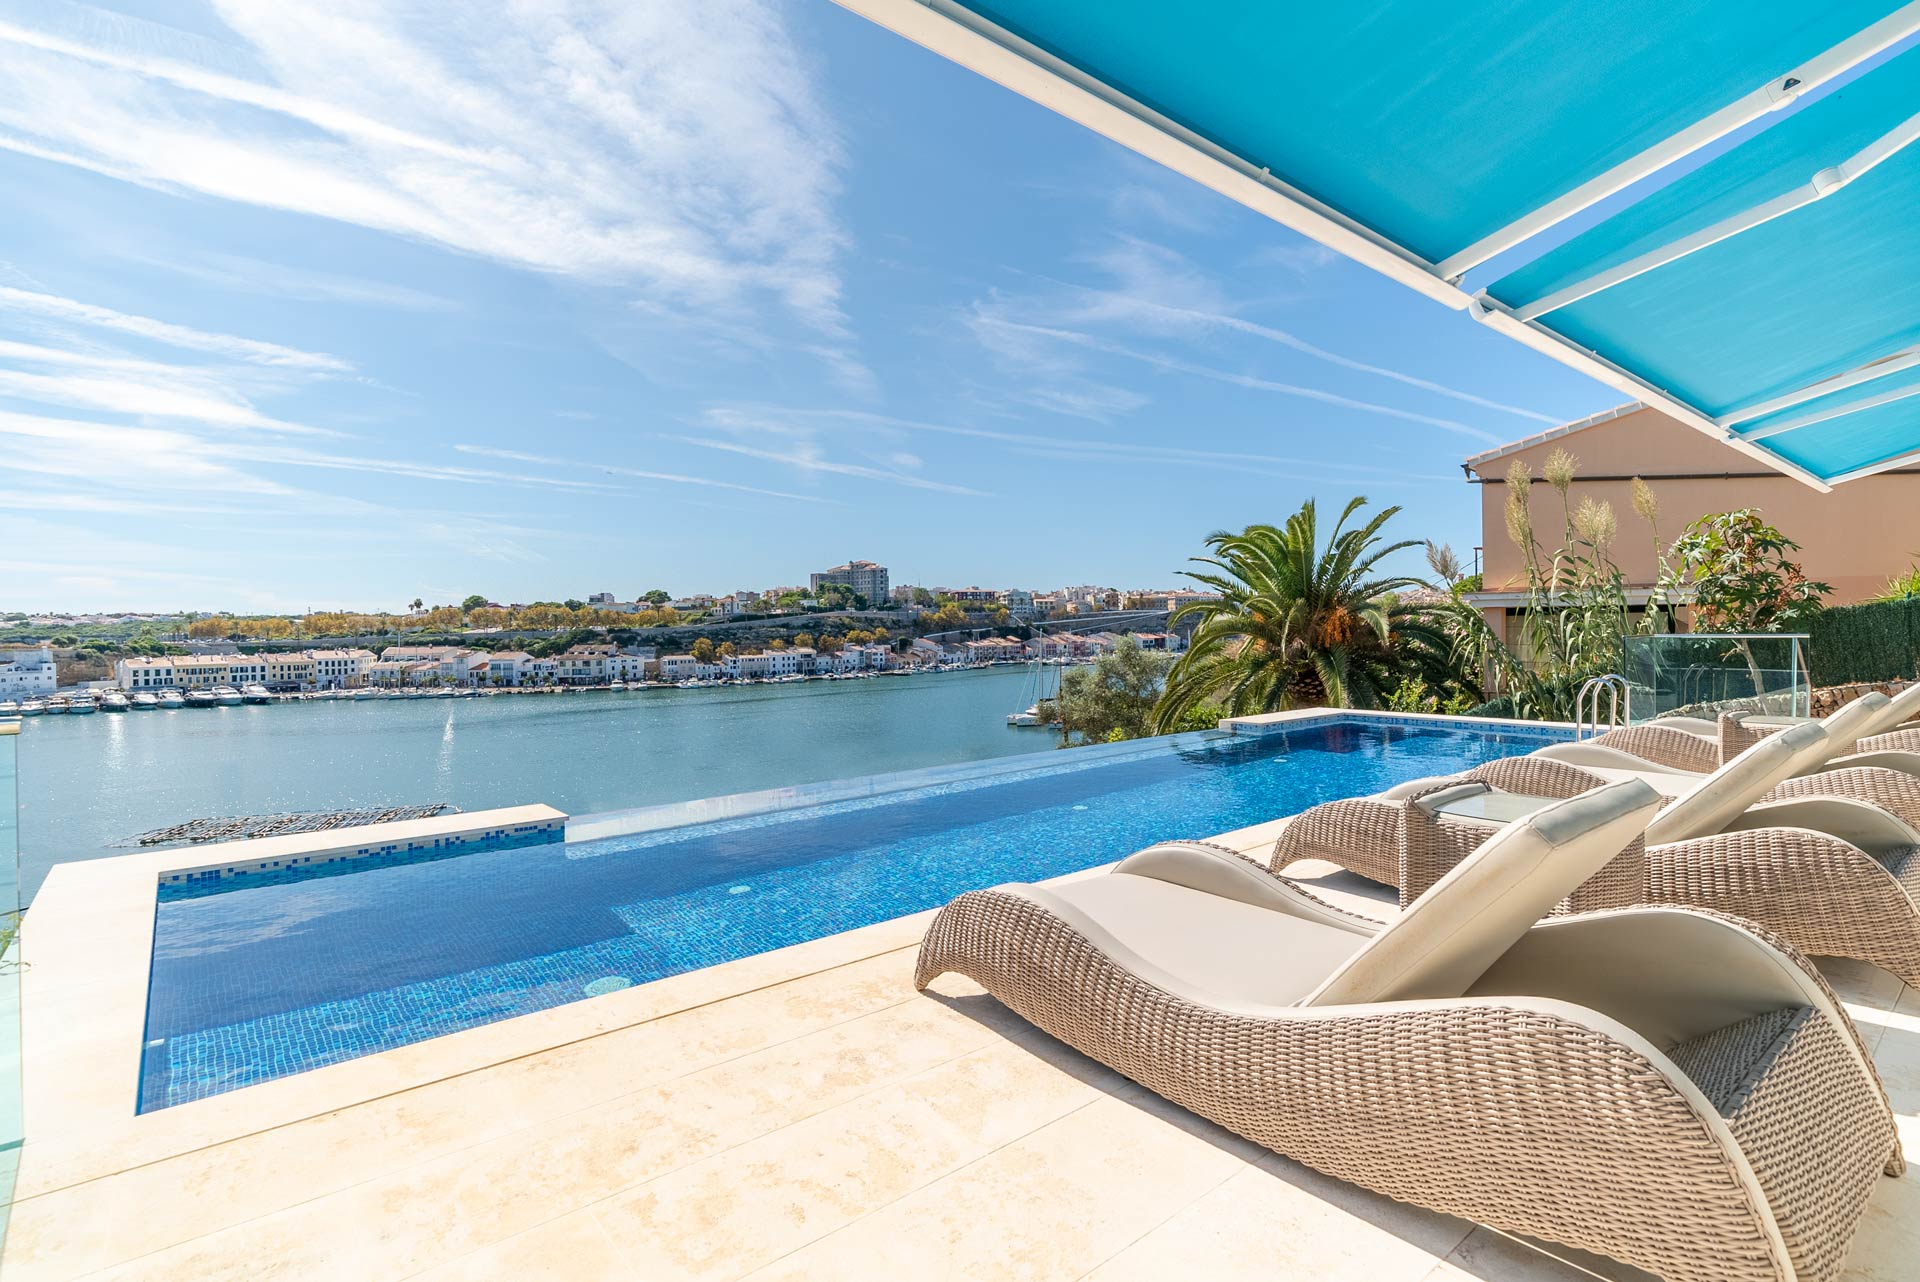 Maisons de luxe dans le port de Mahon